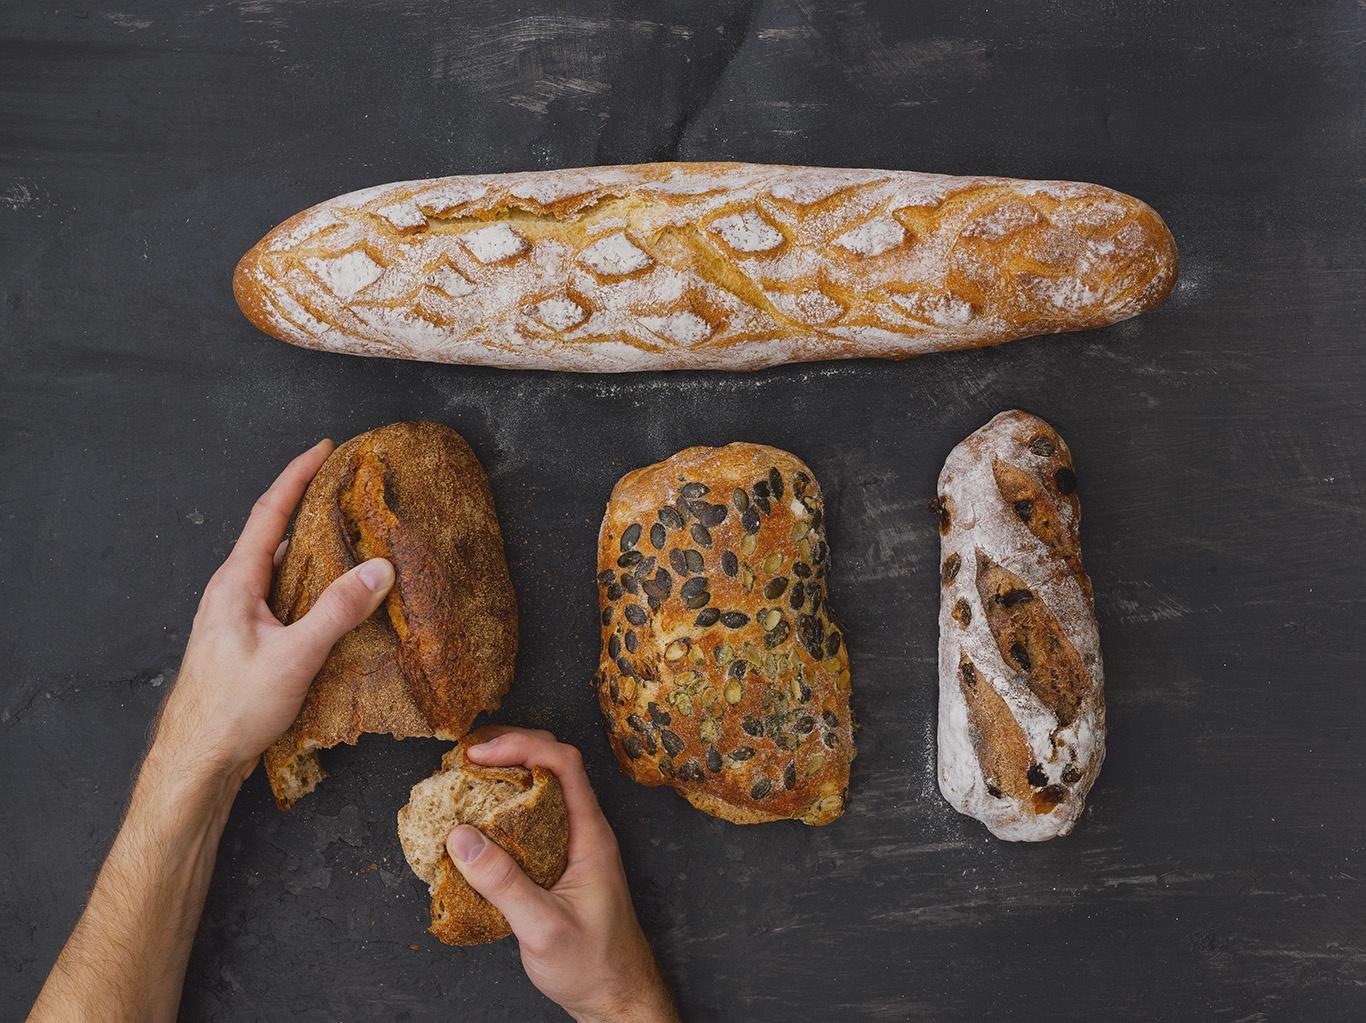 Leipurin_brand_photos_bakery_02_a_1.jpg